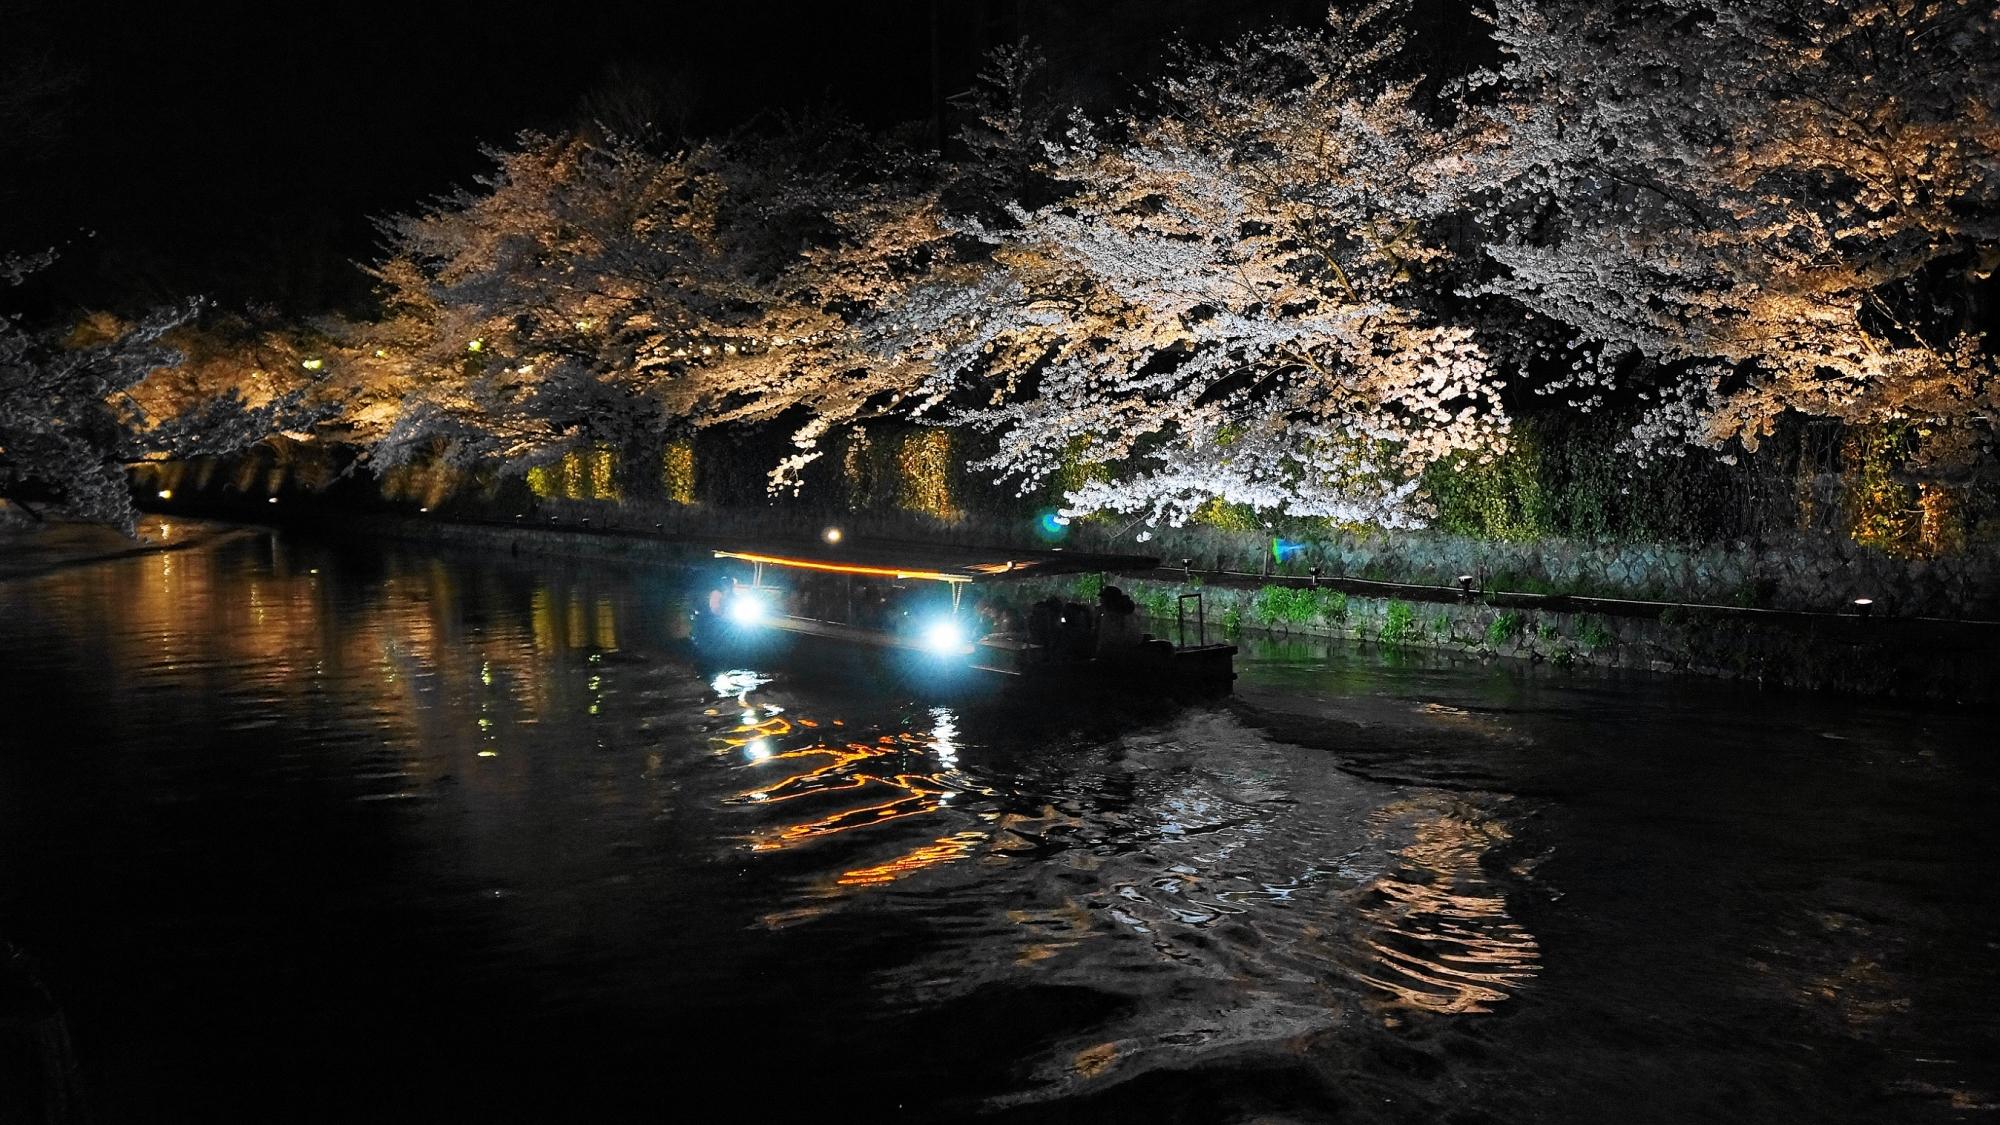 桜の名所の岡崎回廊の十石船と幻想的な夜桜ライトアップ